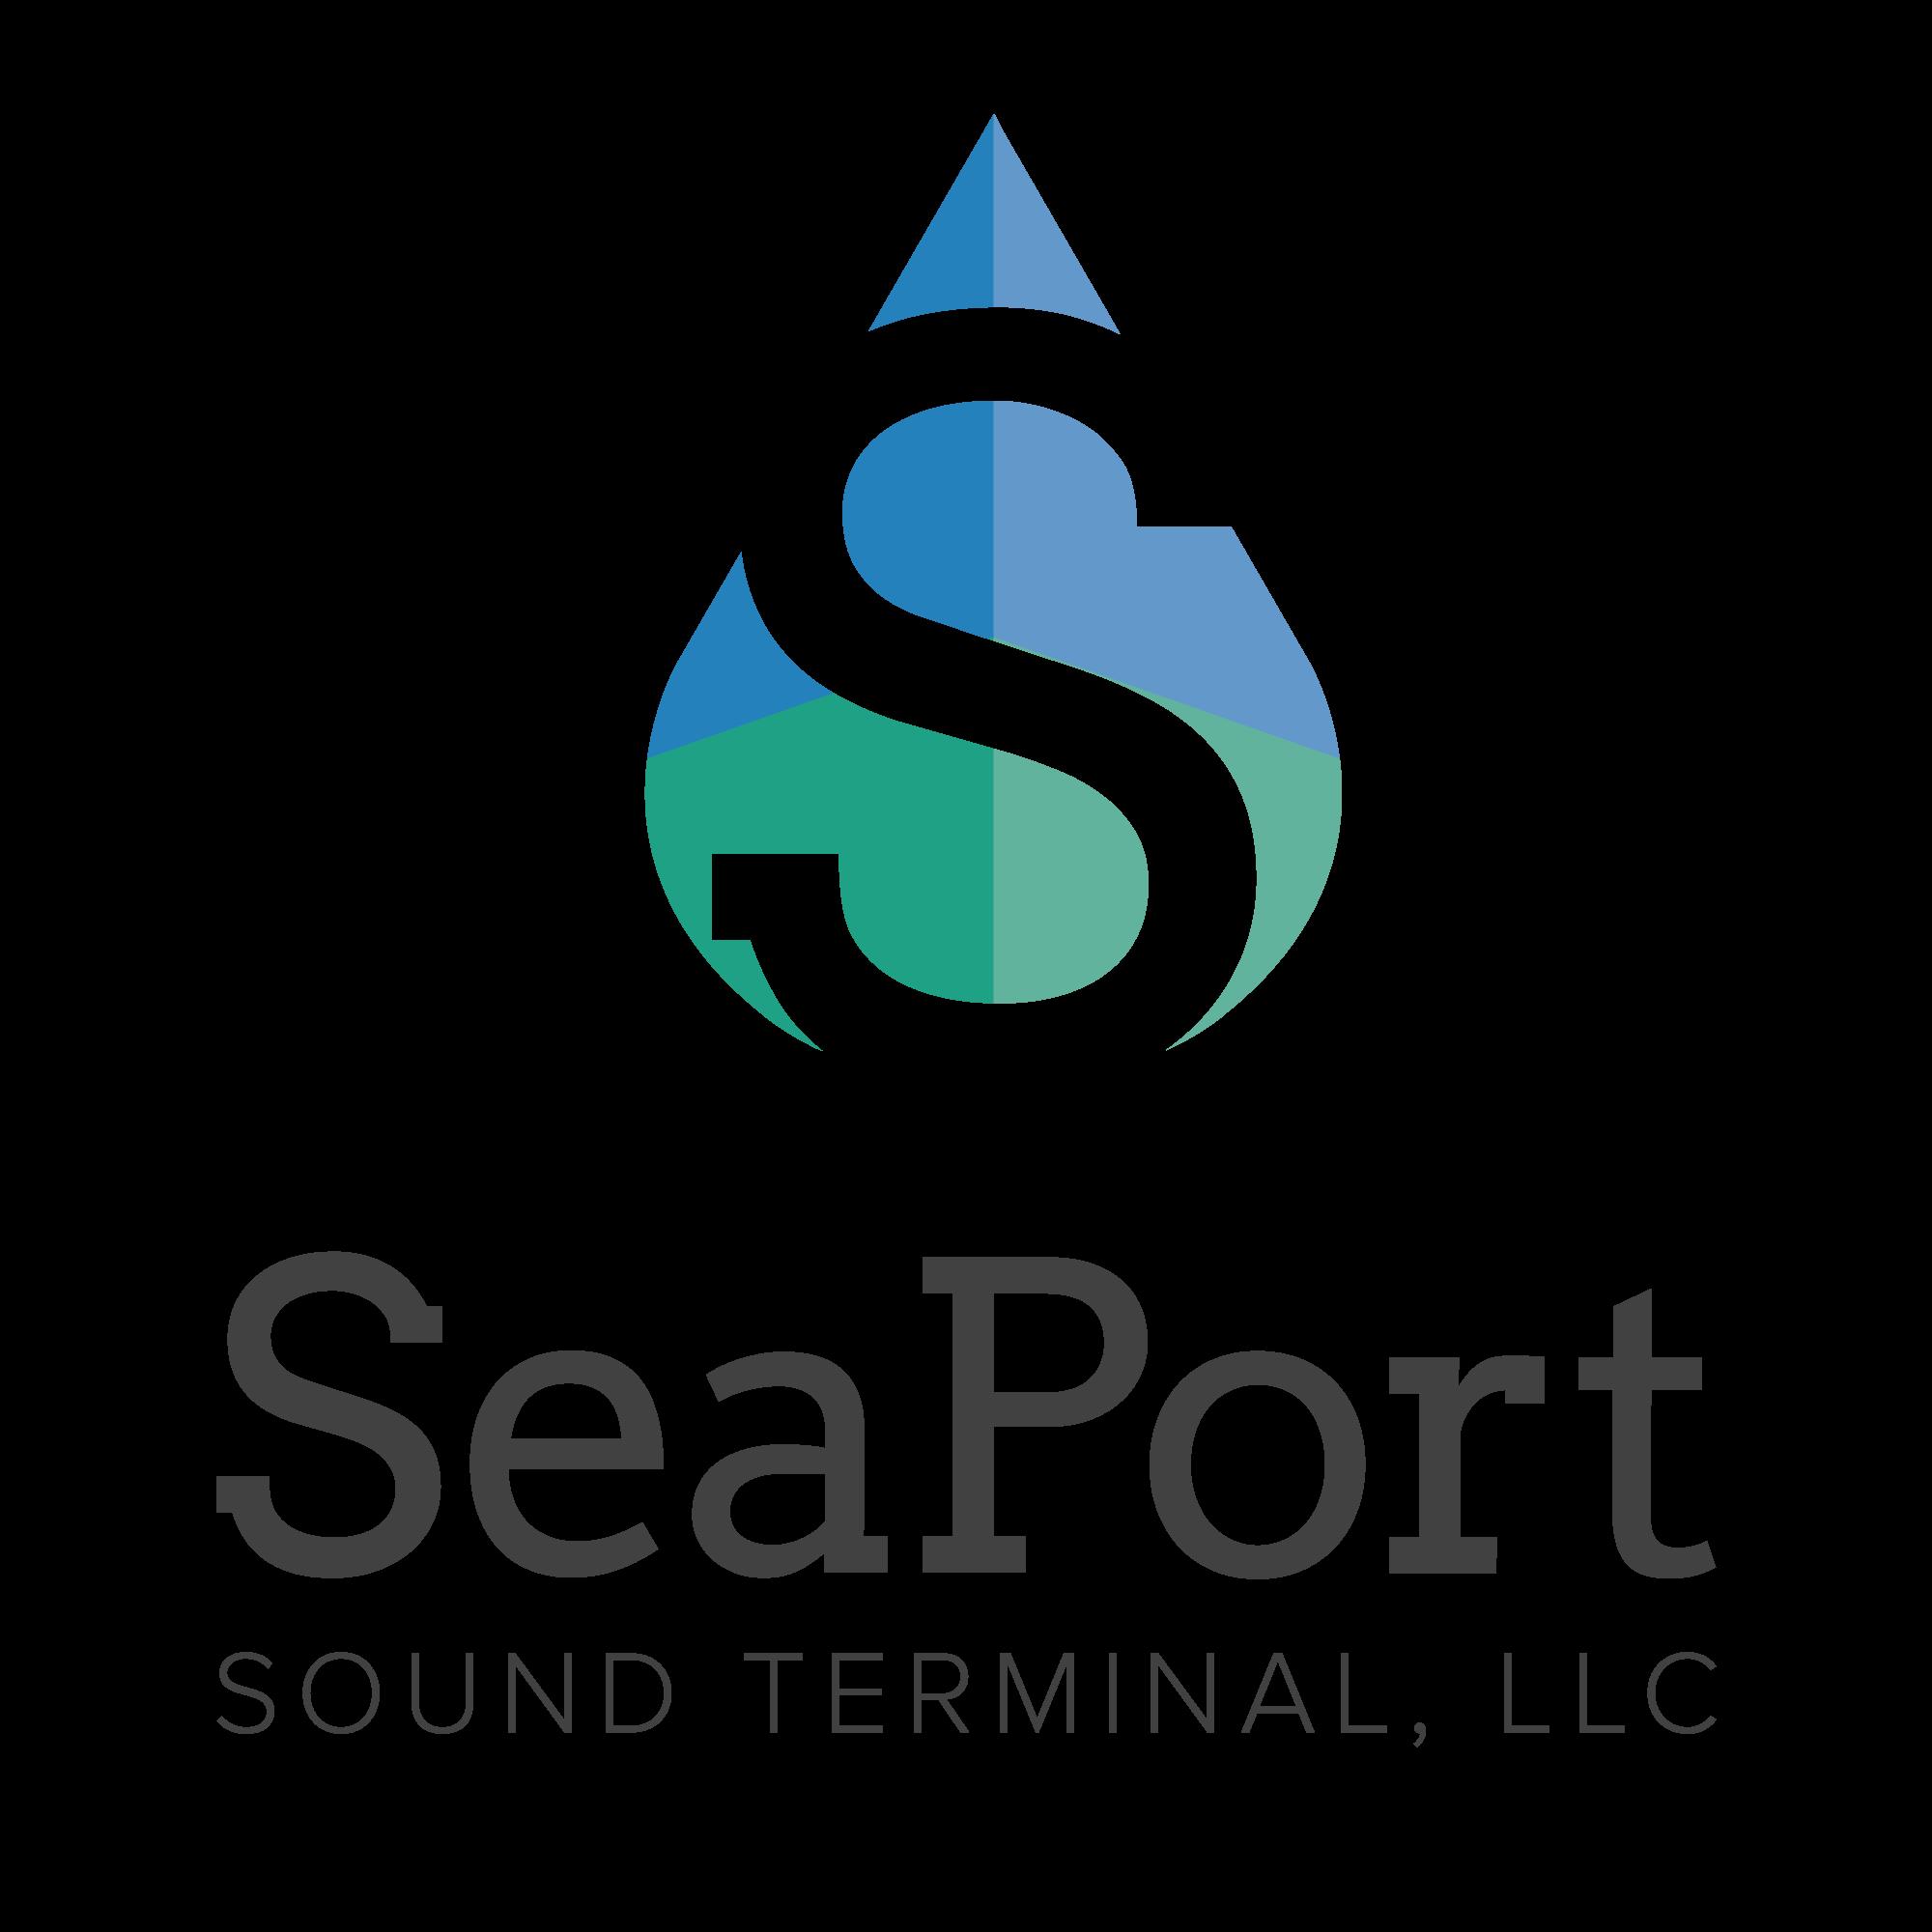 SP-ST-logo-final-large